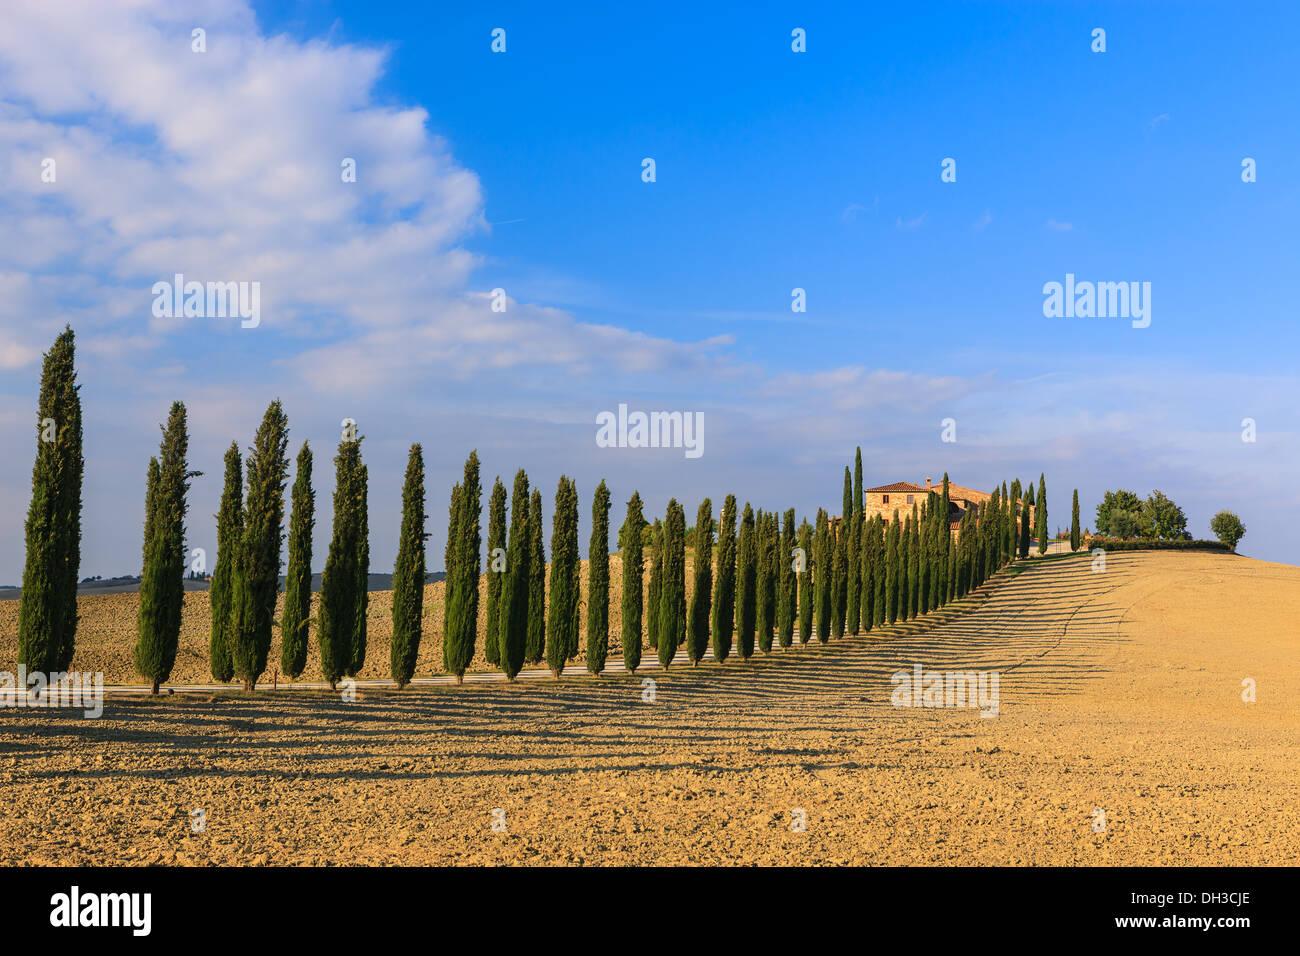 Au coeur de la Toscane, dans la campagne du Val d'Orcia, se trouve l'Agriturismo Poggio Covili Photo Stock